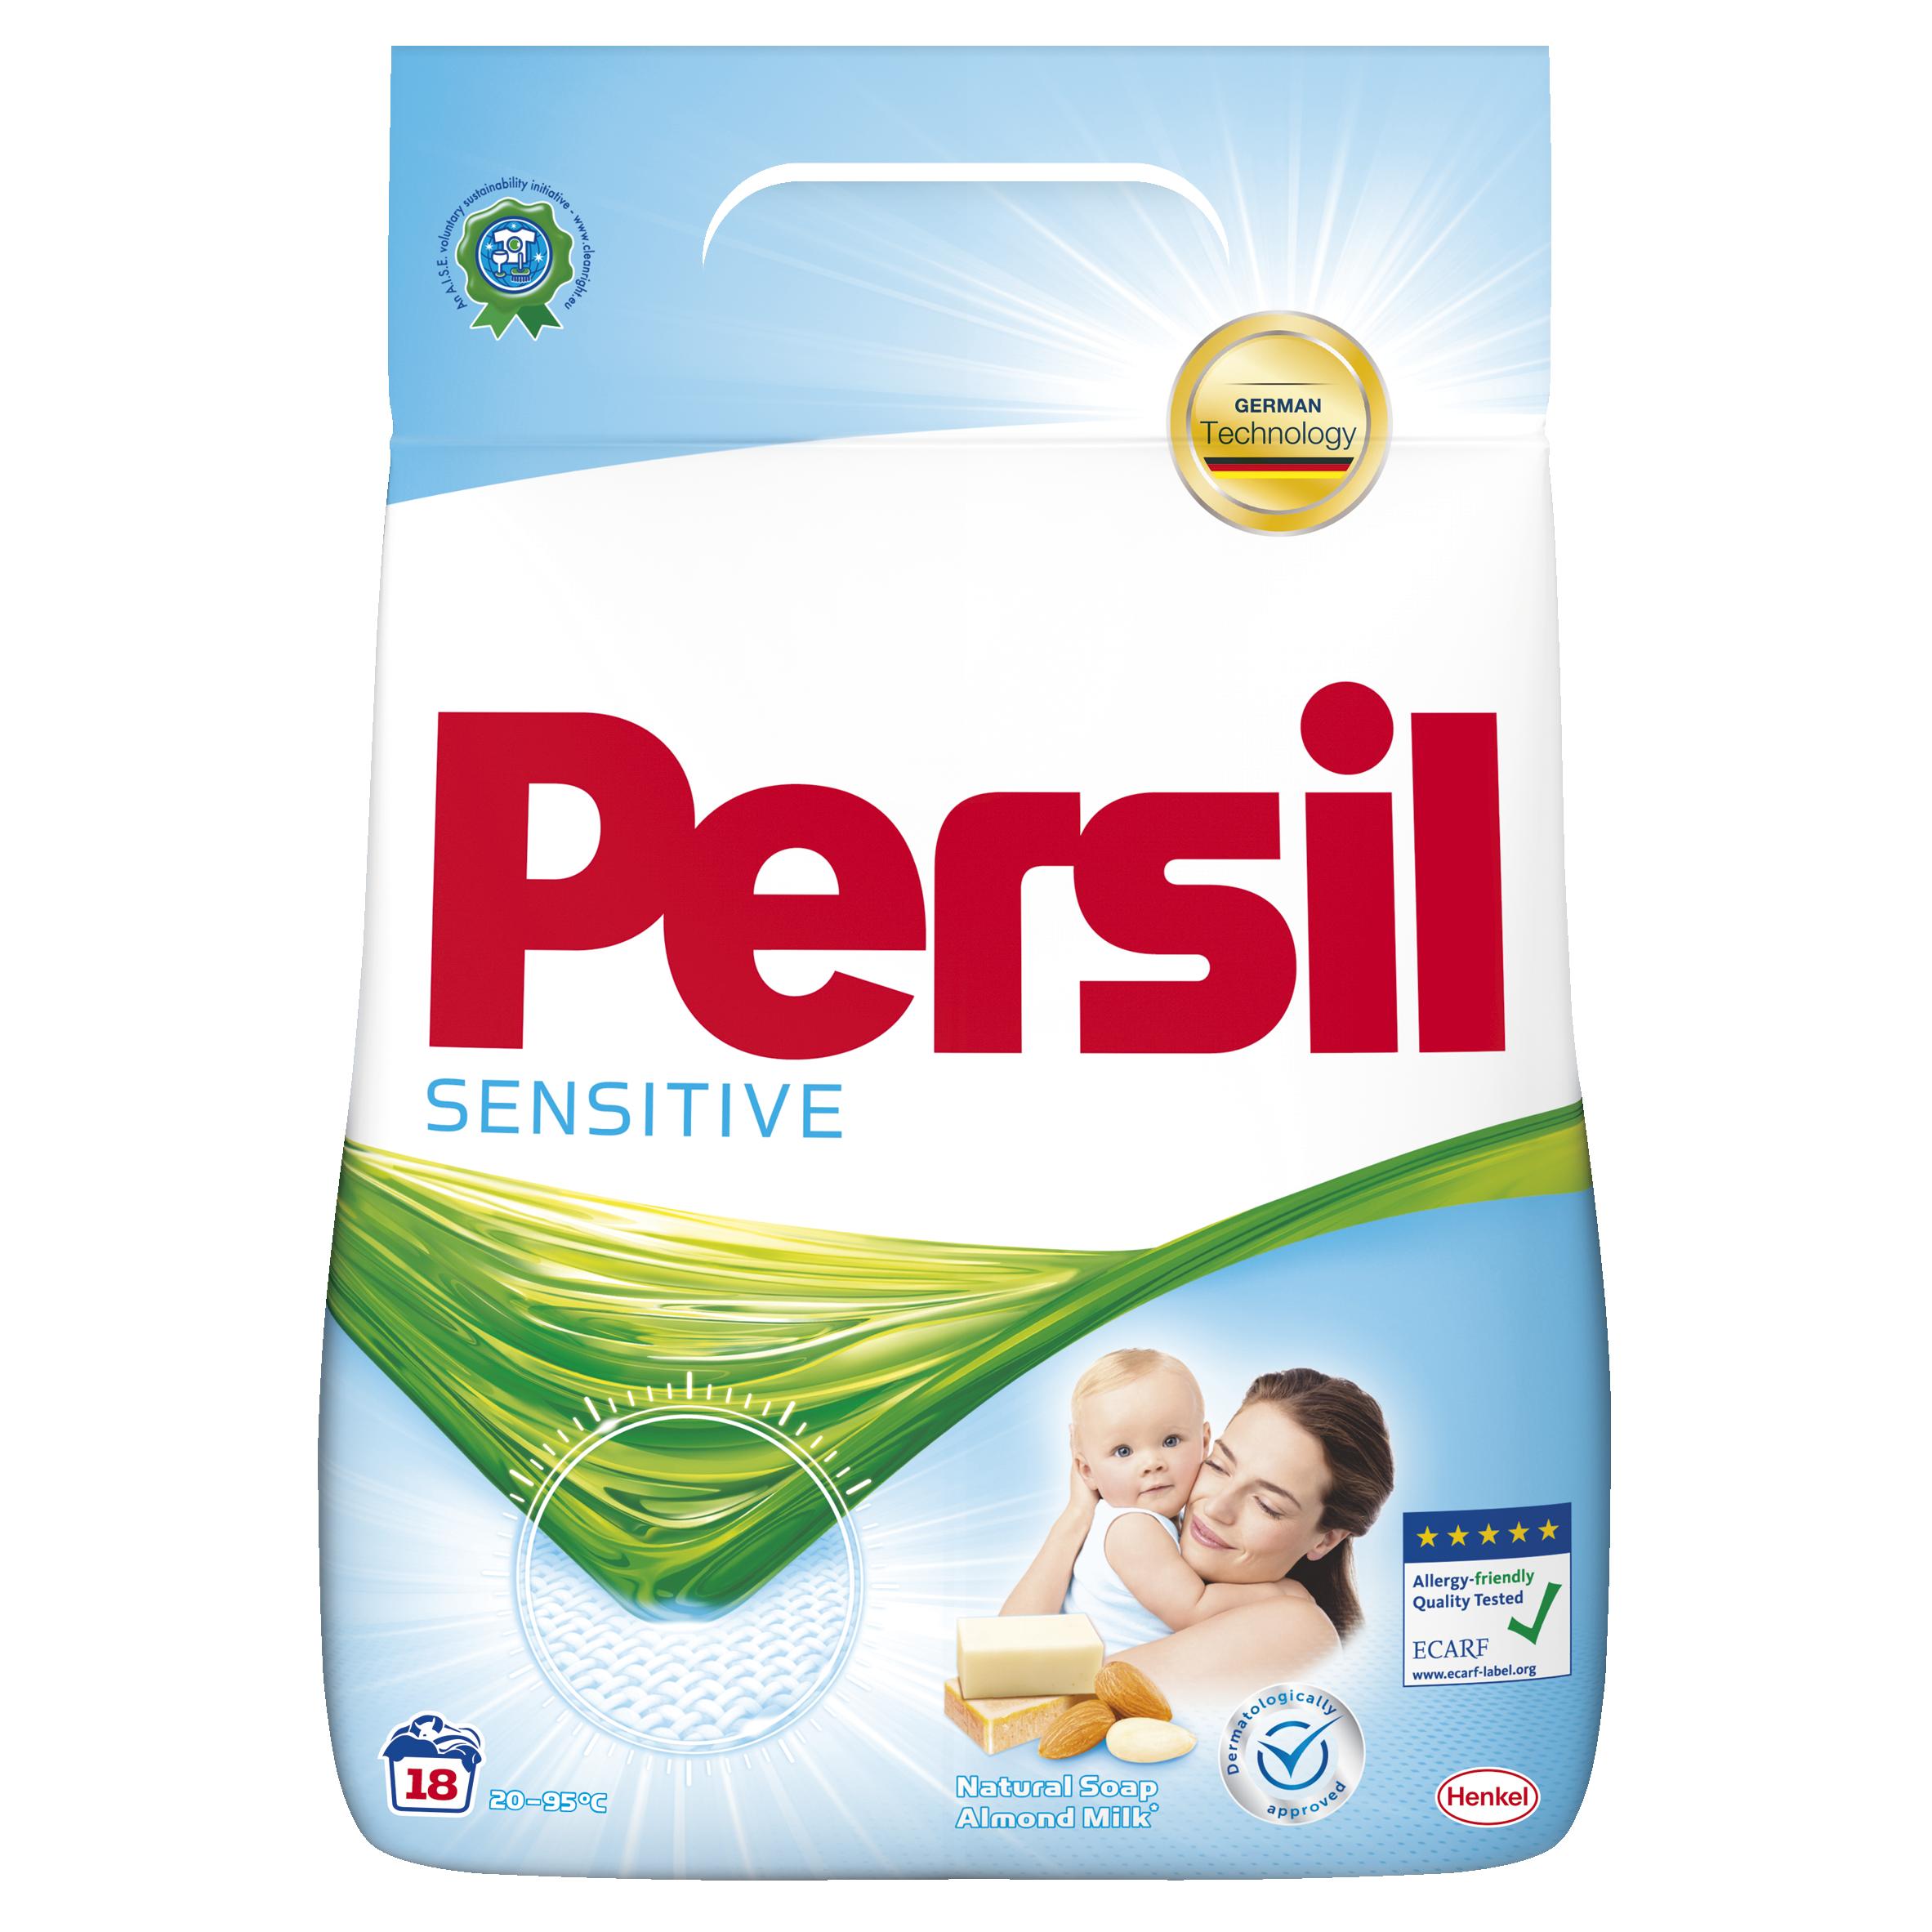 Persil Sensitive prací prášek, 18 praní 1,17 kg